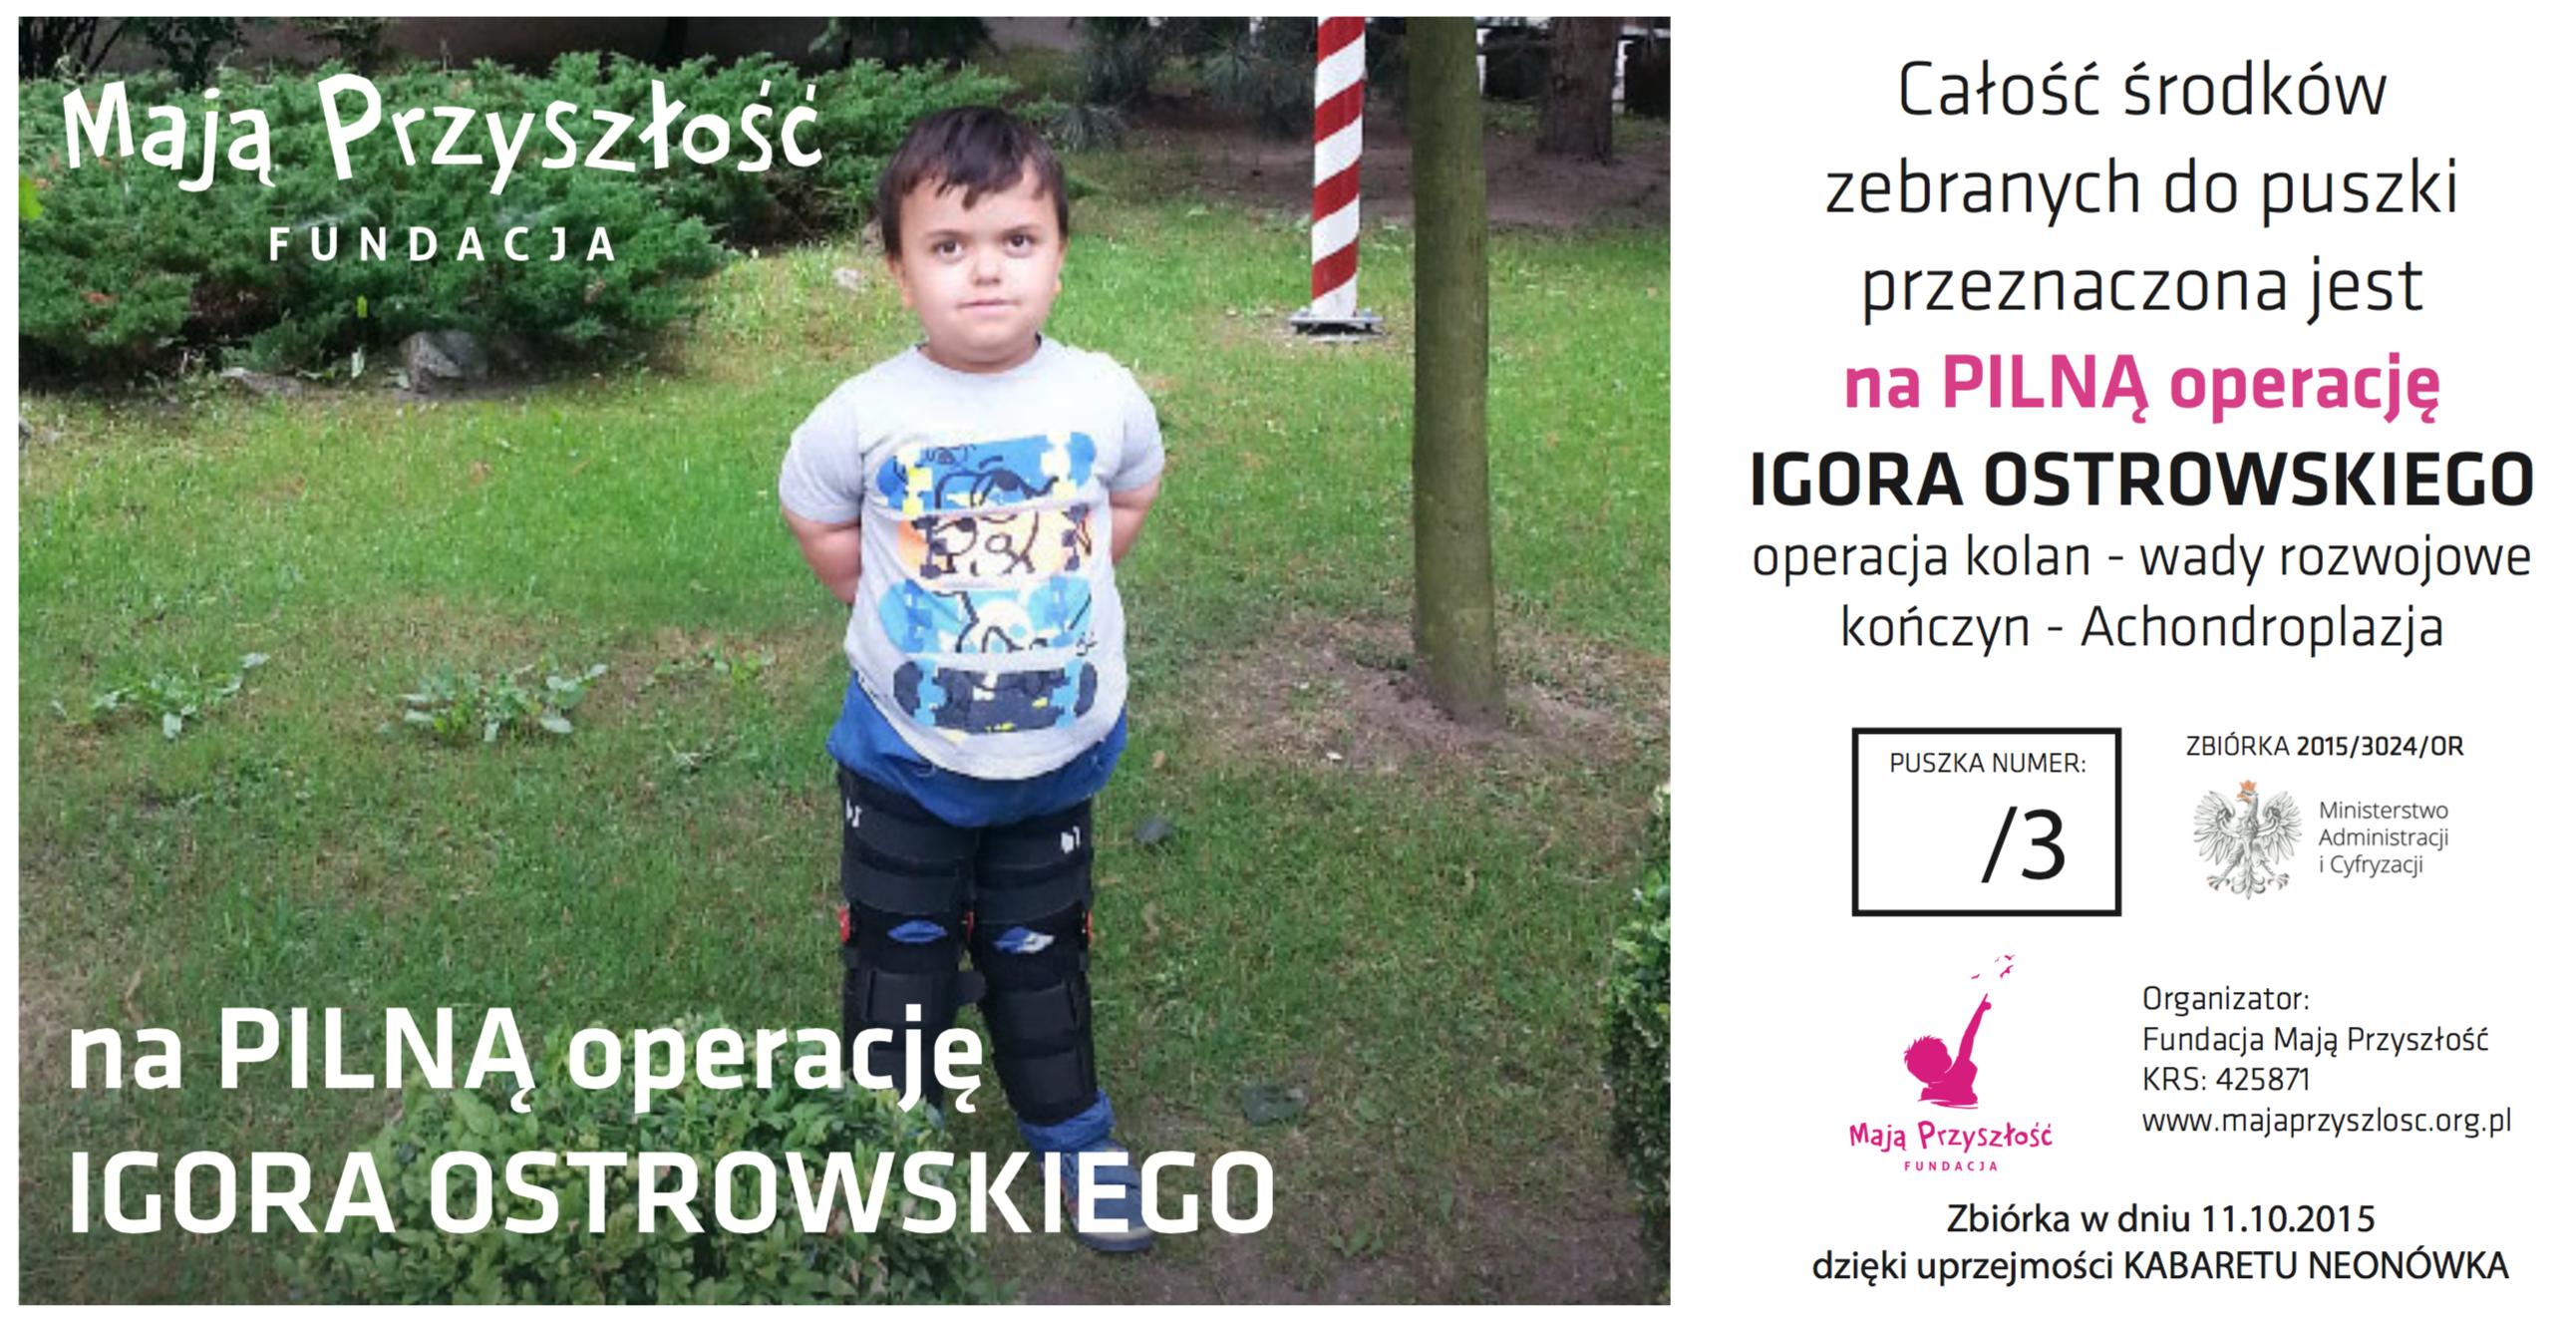 kabaret-neonowka-wroclaw-igor-ostrowski-2015-01